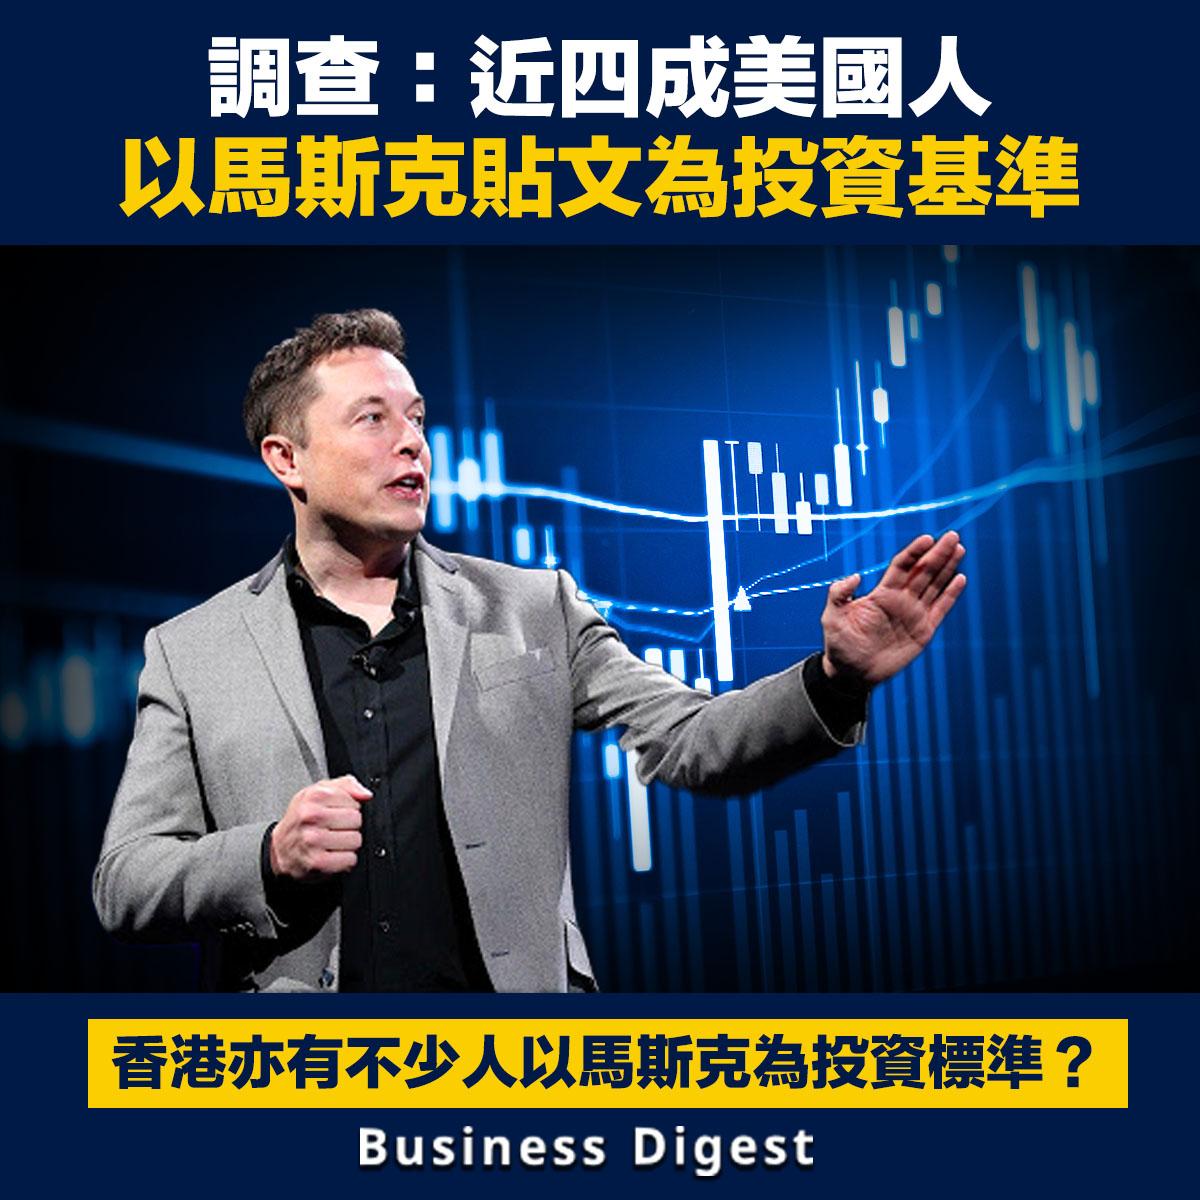 近四成美國人以馬斯克貼文為投資標準